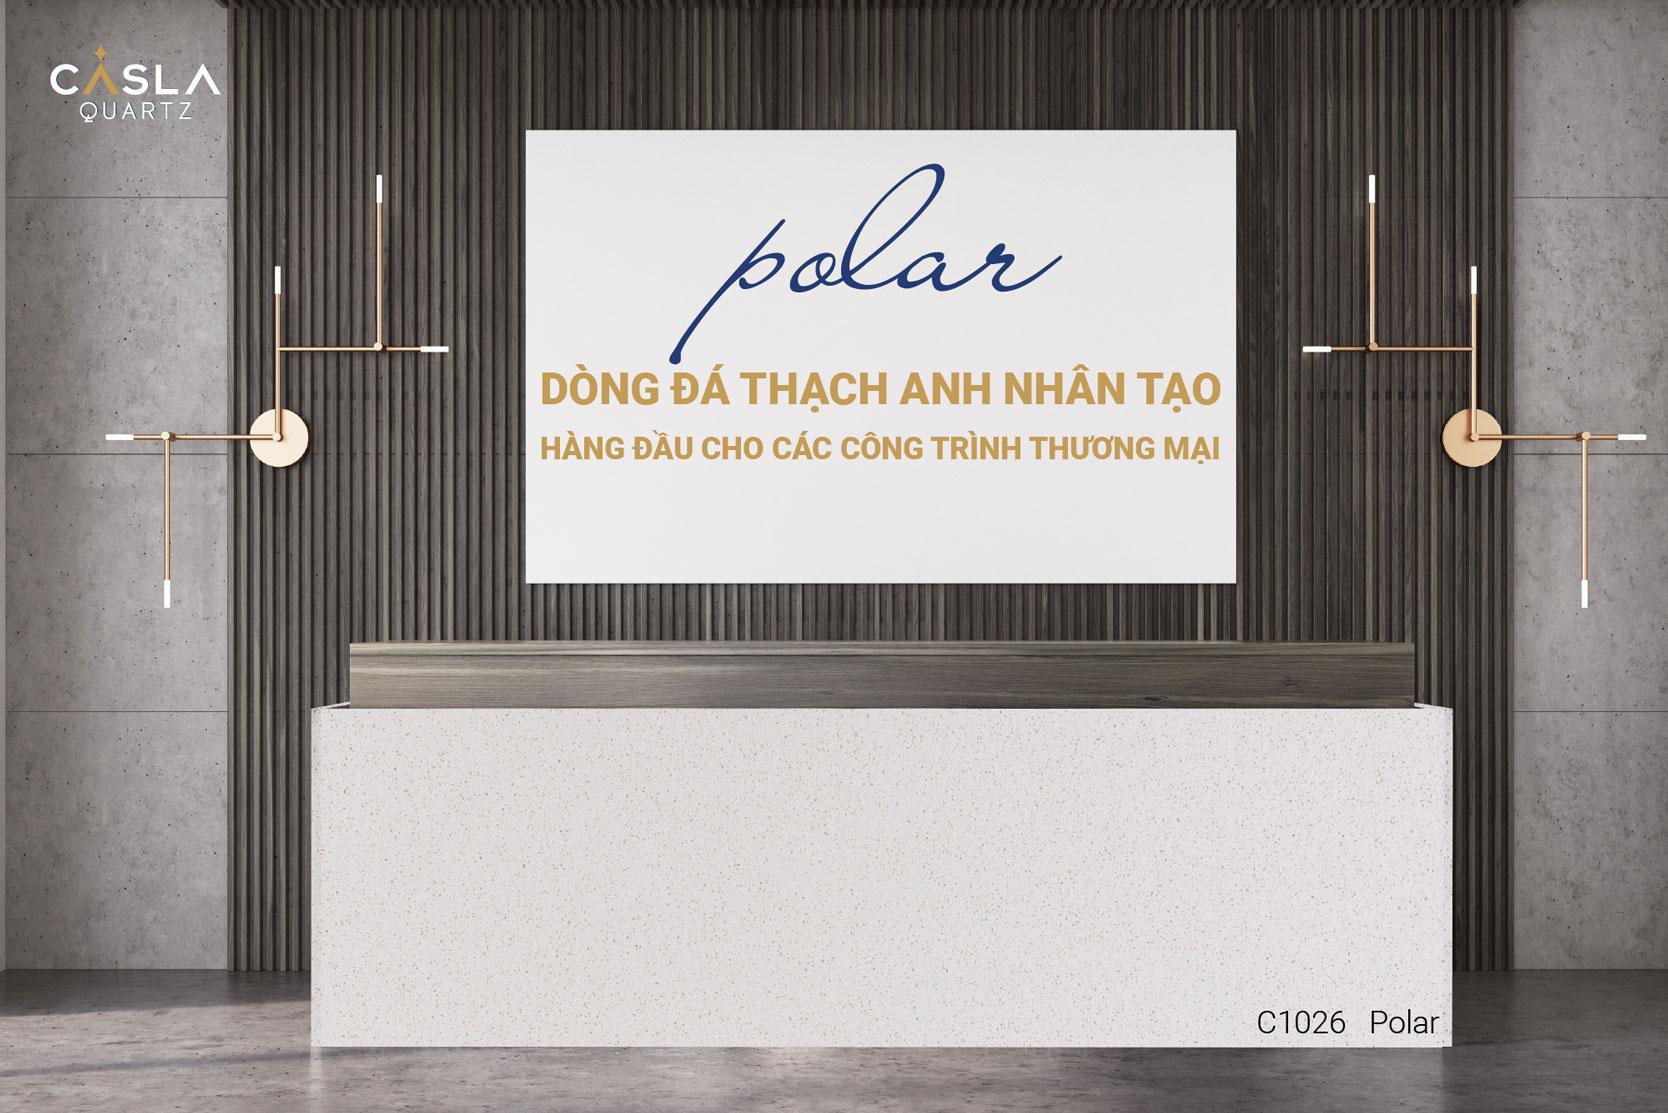 Polar – Dòng đá thạch anh nhân tạo hàng đầu cho các công trình thương mại